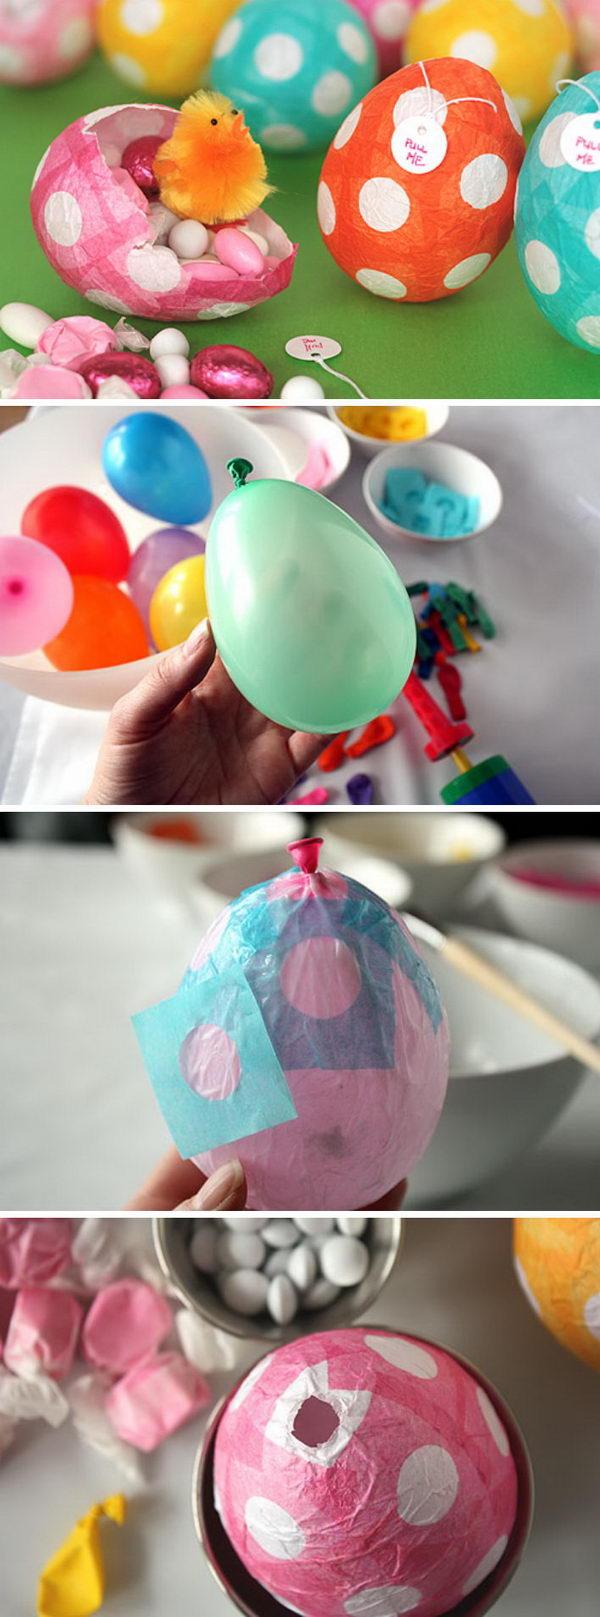 Papier mache Easter eggs.